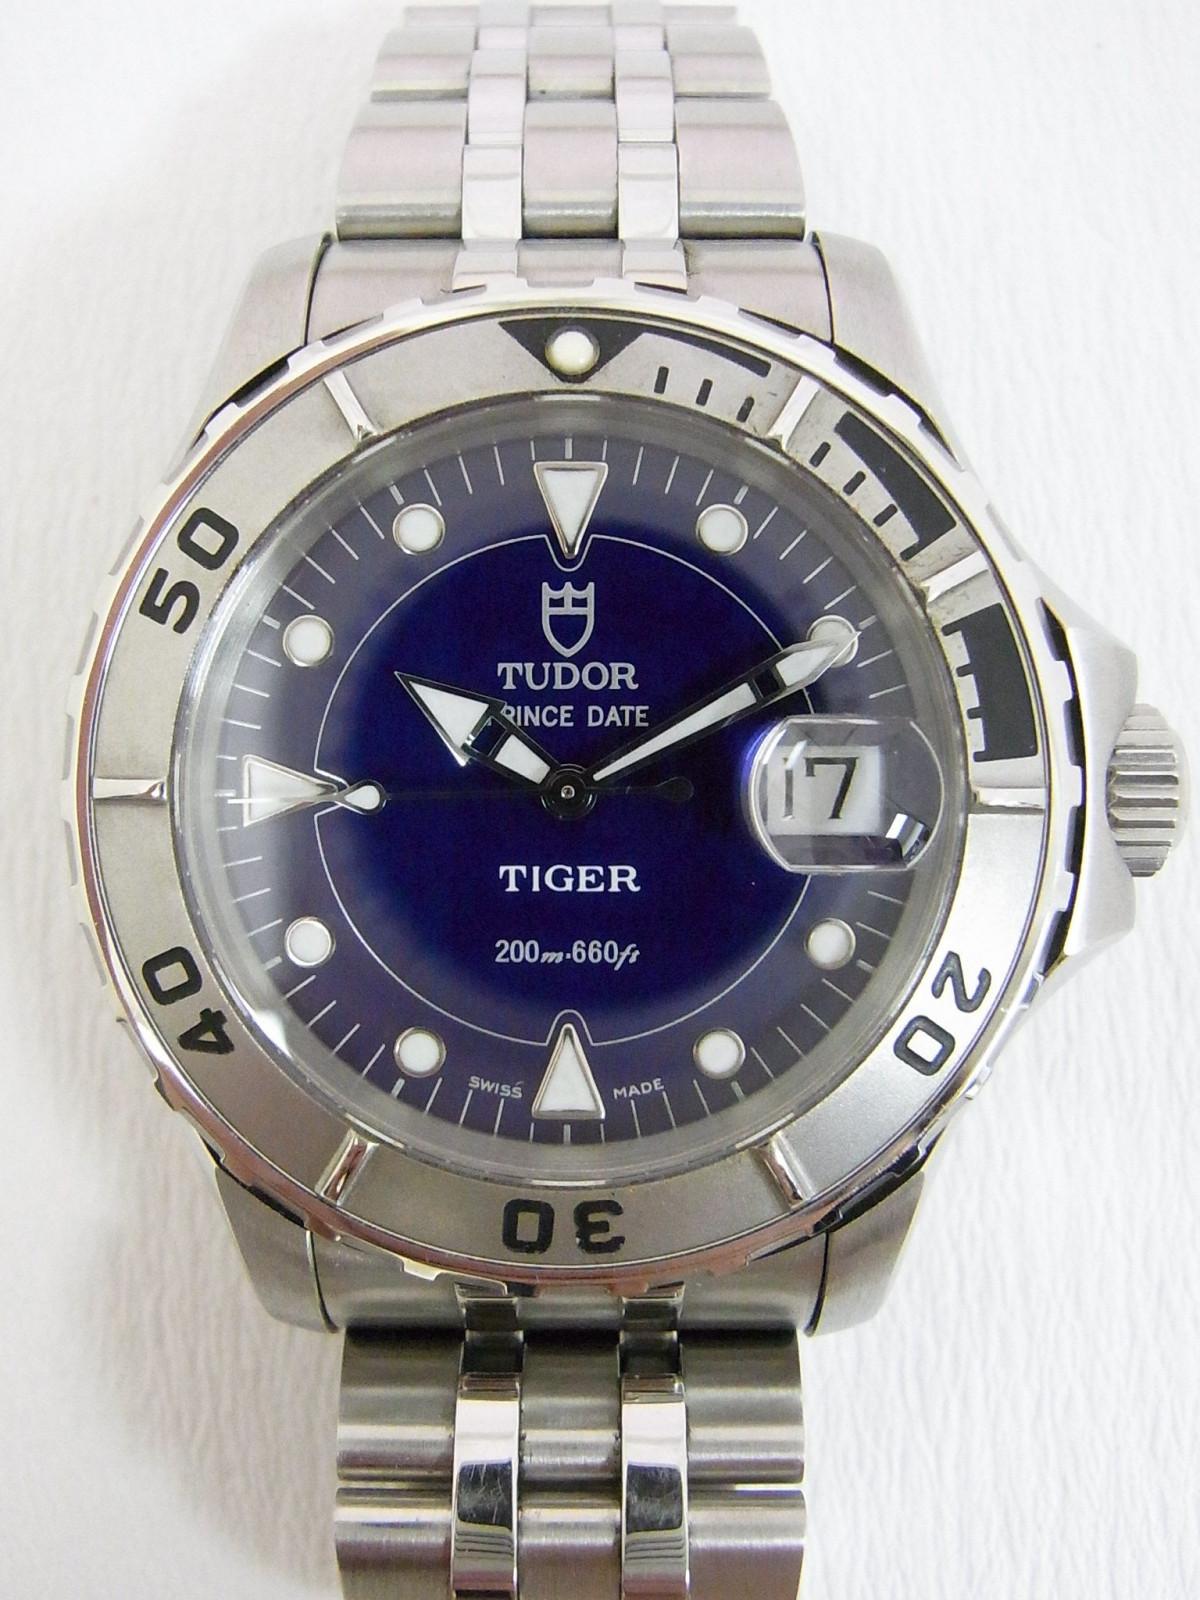 d3768d1e55f Tudor Prince date Hydro Notes 89190 relógio usados (€236) - Timepeaks